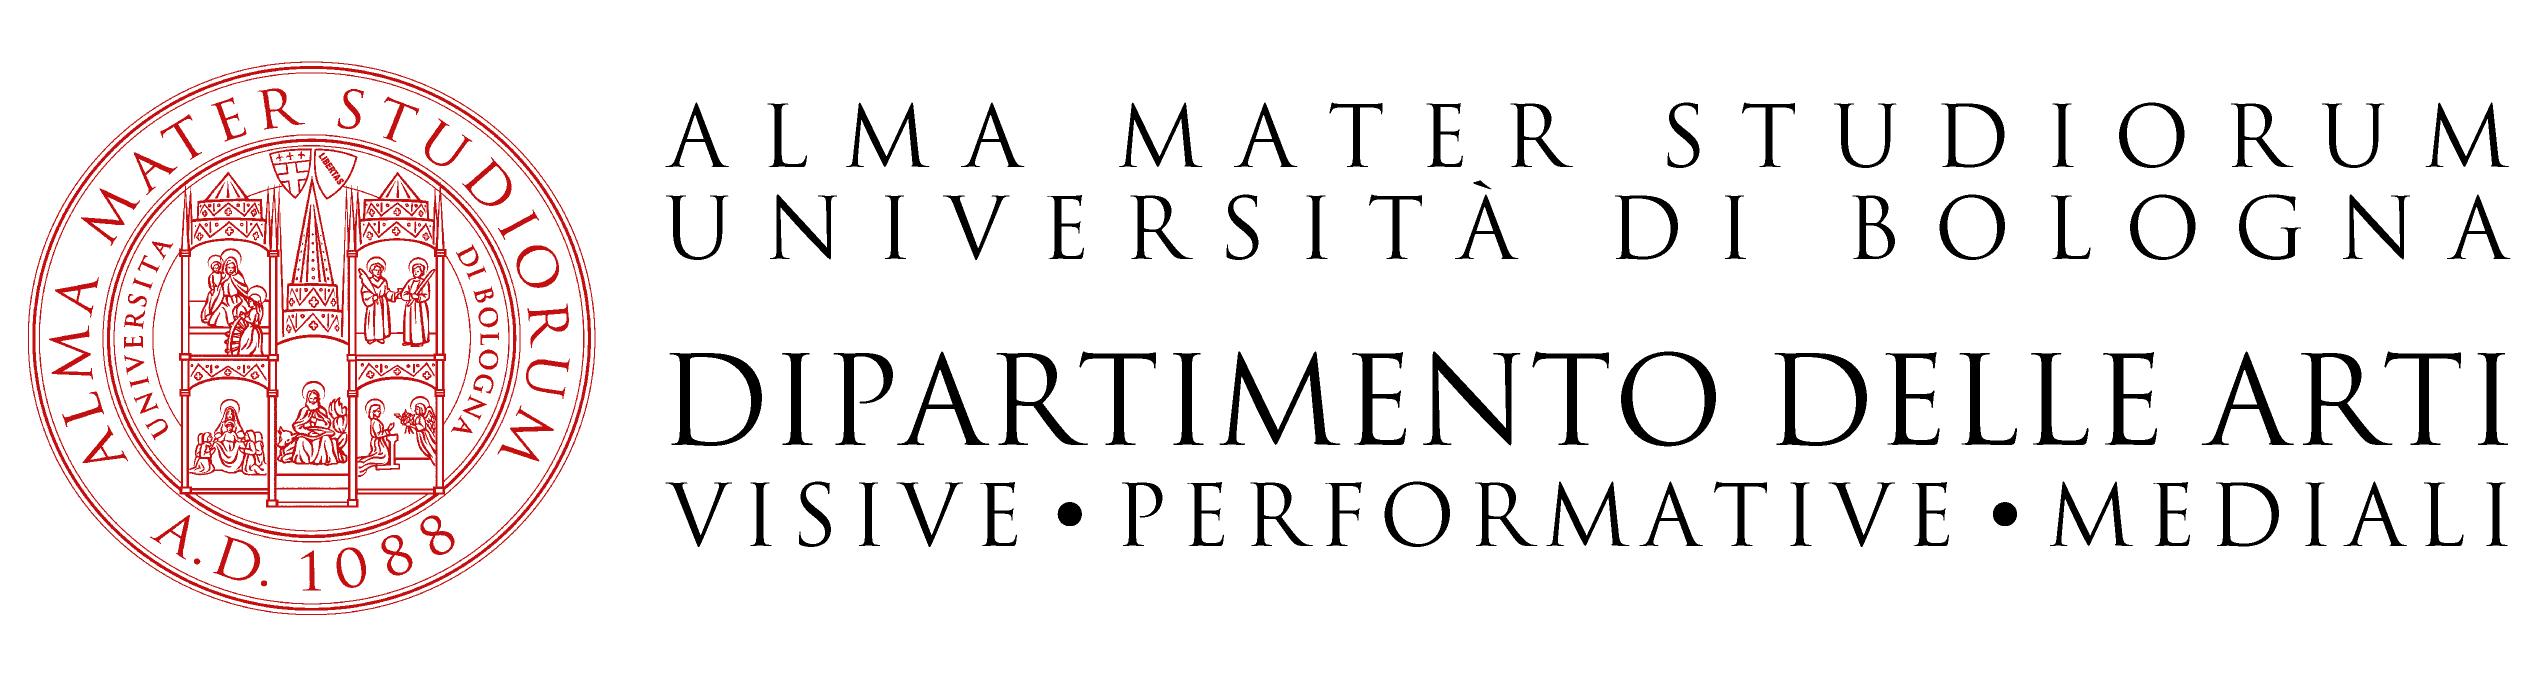 Dipartimento delle Arti, Alma Mater Studiorum - Università di Bologna